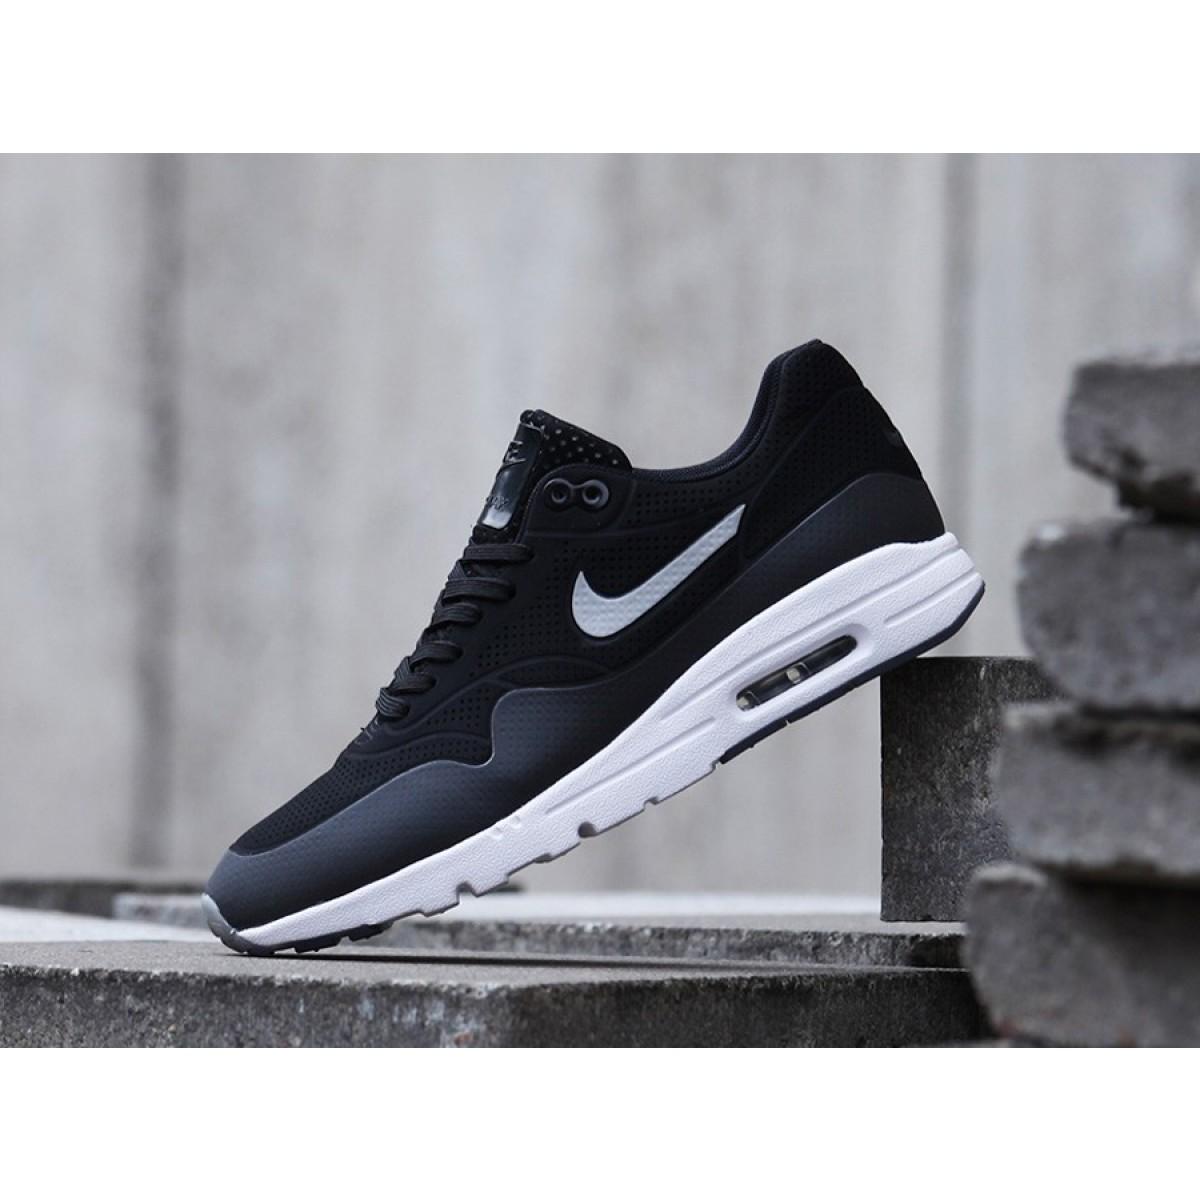 sale retailer ab7a2 21762 Achat / Vente produits Nike Air Max 1 Ultra Moire Homme,Nike Air Max ...